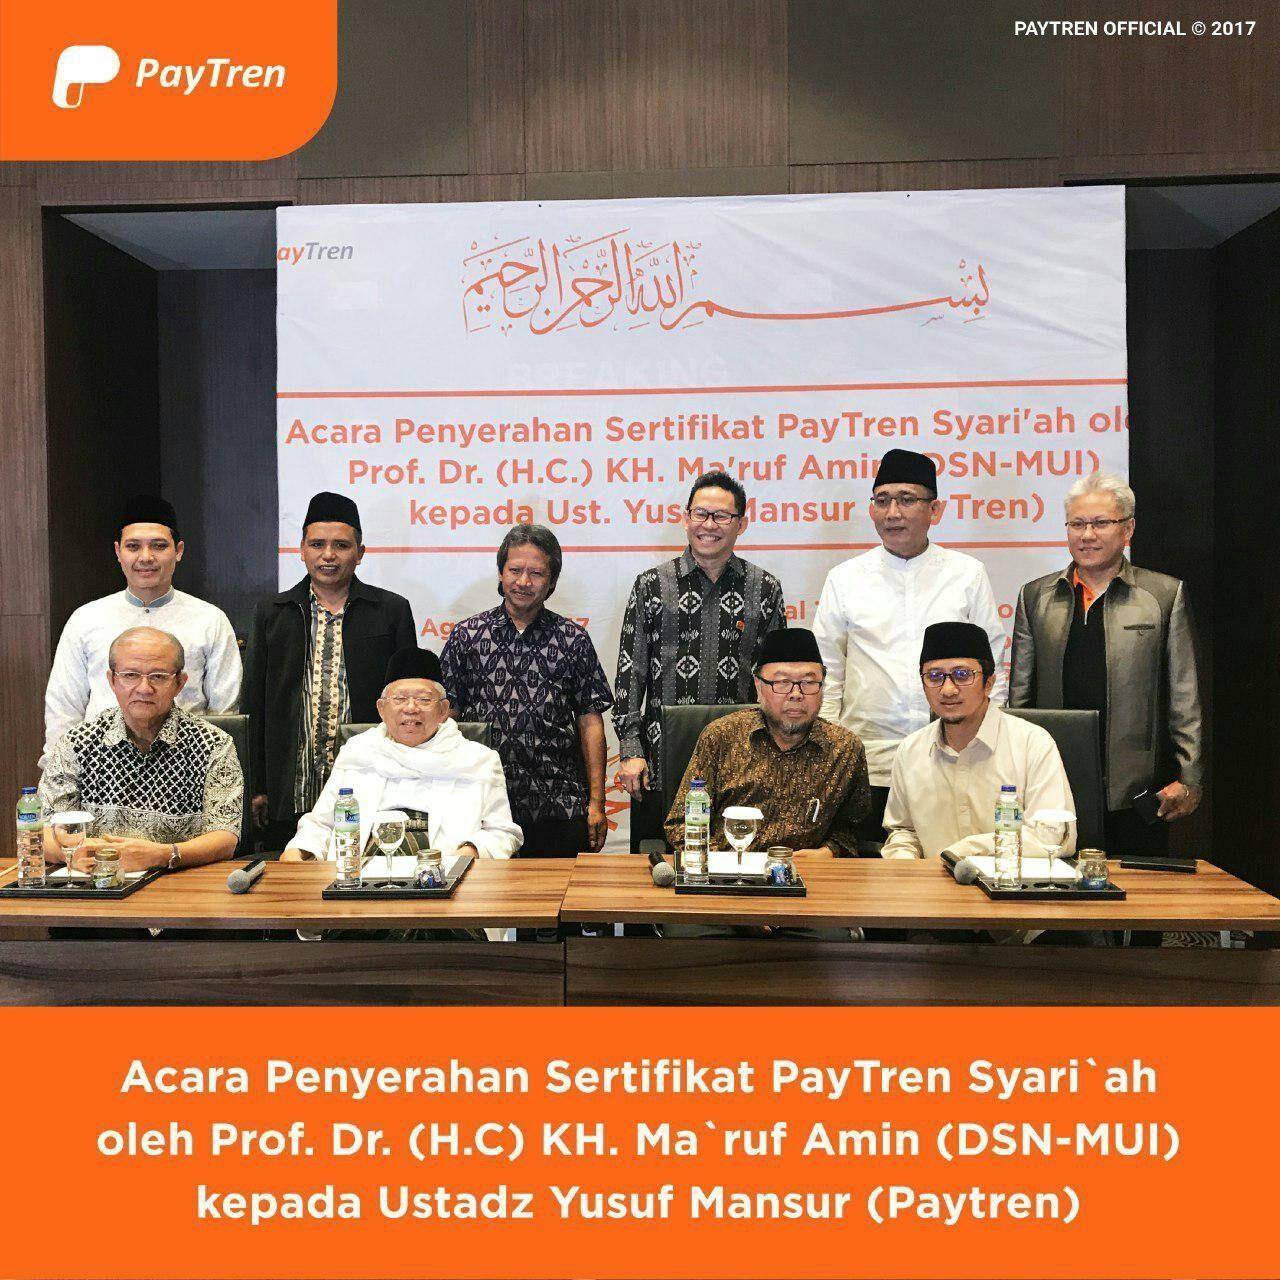 Paytren Jakarta Sumantoro In Jakarta Alhamdulillah Pembangunan Ekonomi Qur An